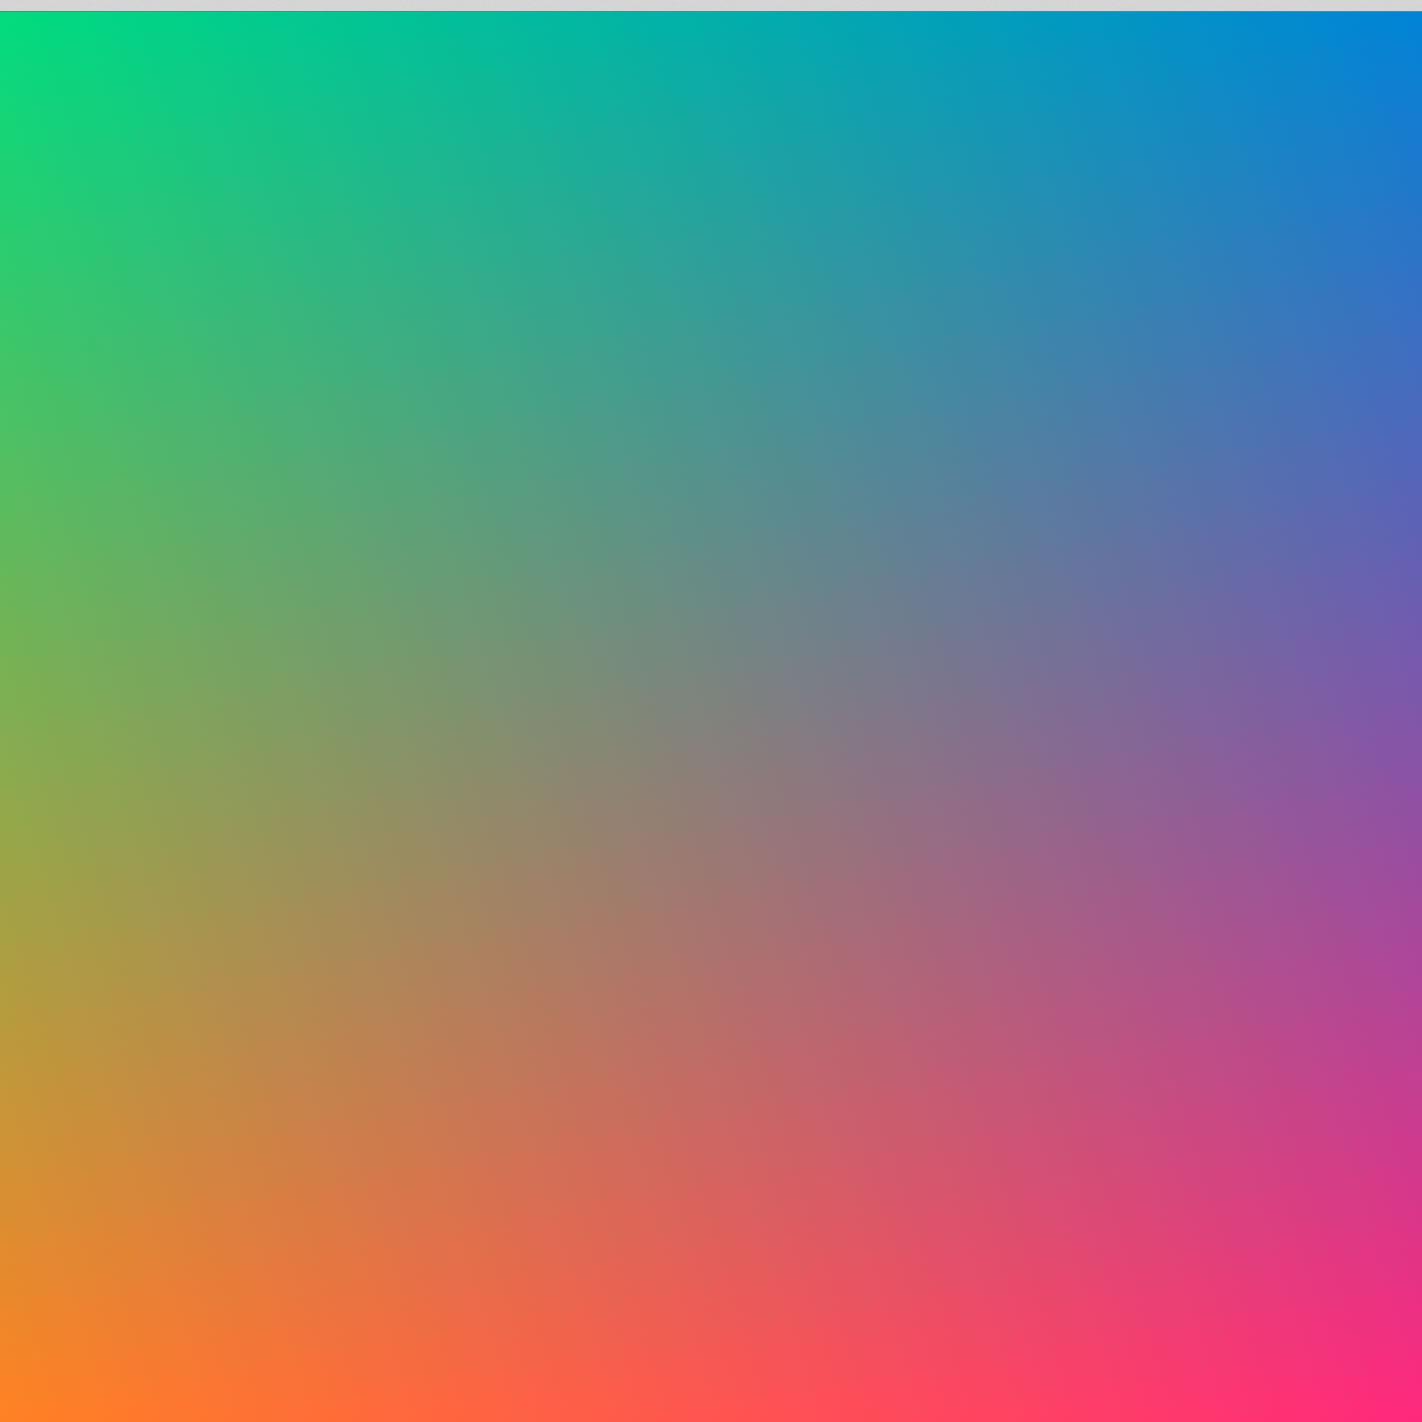 Rcsnwkzr2yojtk6fi2kq_gradient-1